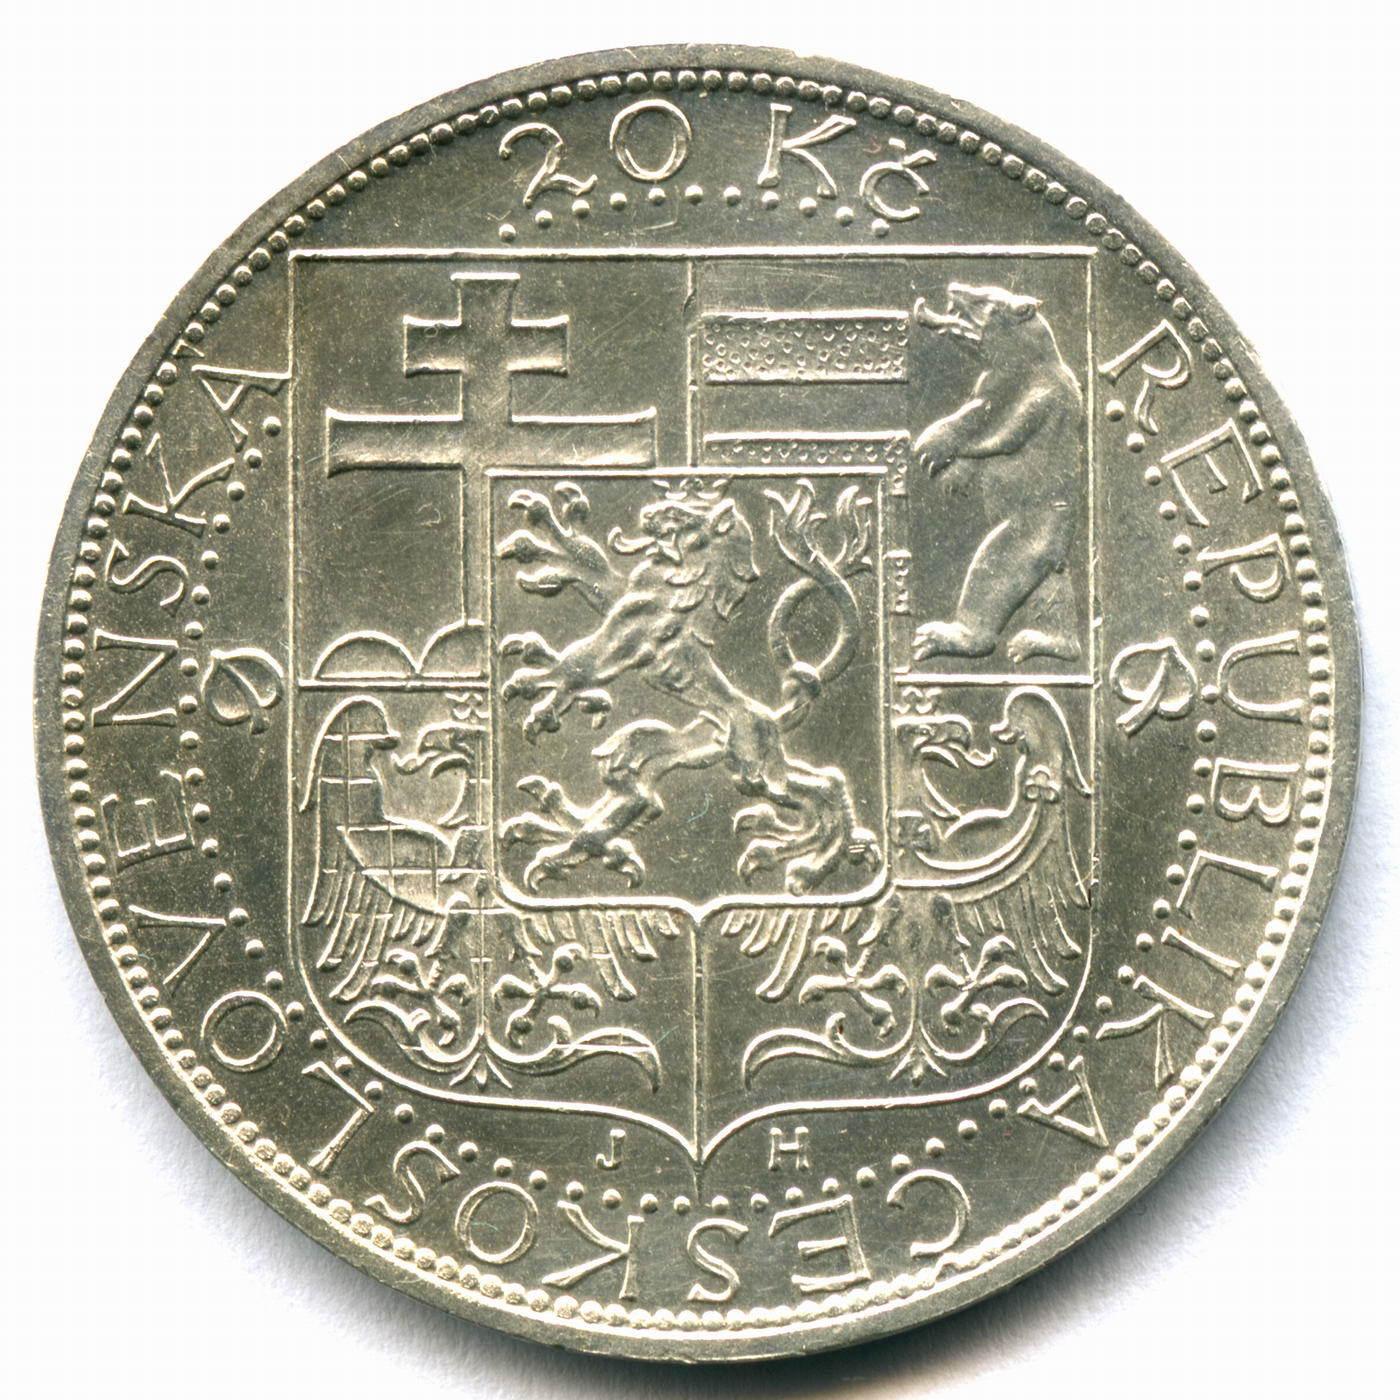 20 крон 1937. Чехословакия (на смерть президента Масарика). Серебро XF